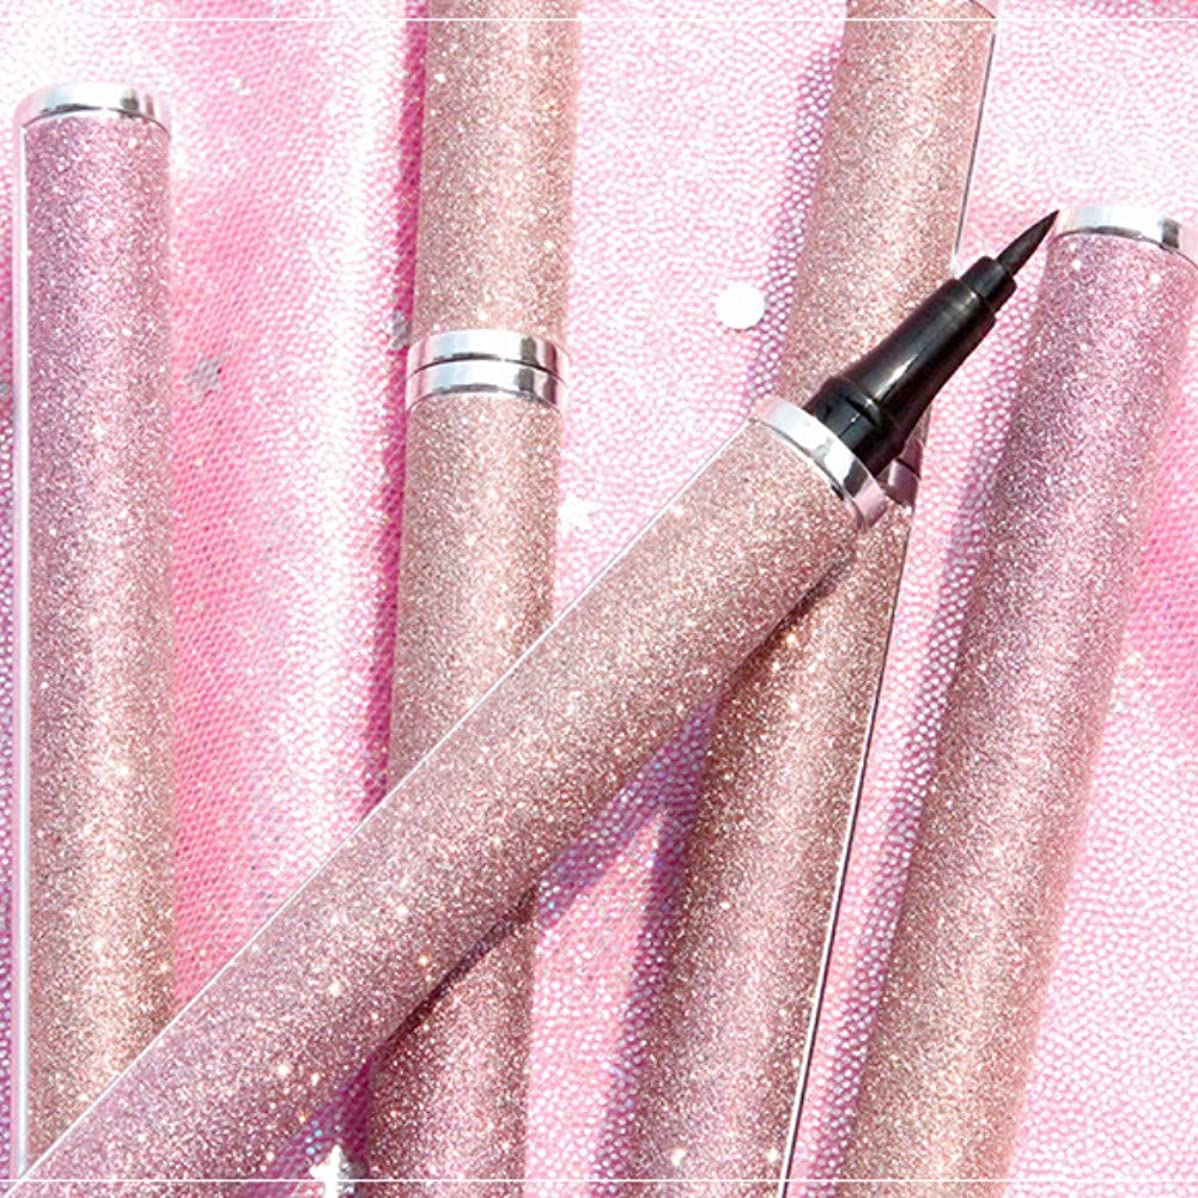 リキッドアイライナーペンシル 汚れ防止 スムース アイライナーペン 美容 長持ち 持ちよし 速乾 ロングラスティング 星空 Cutelove